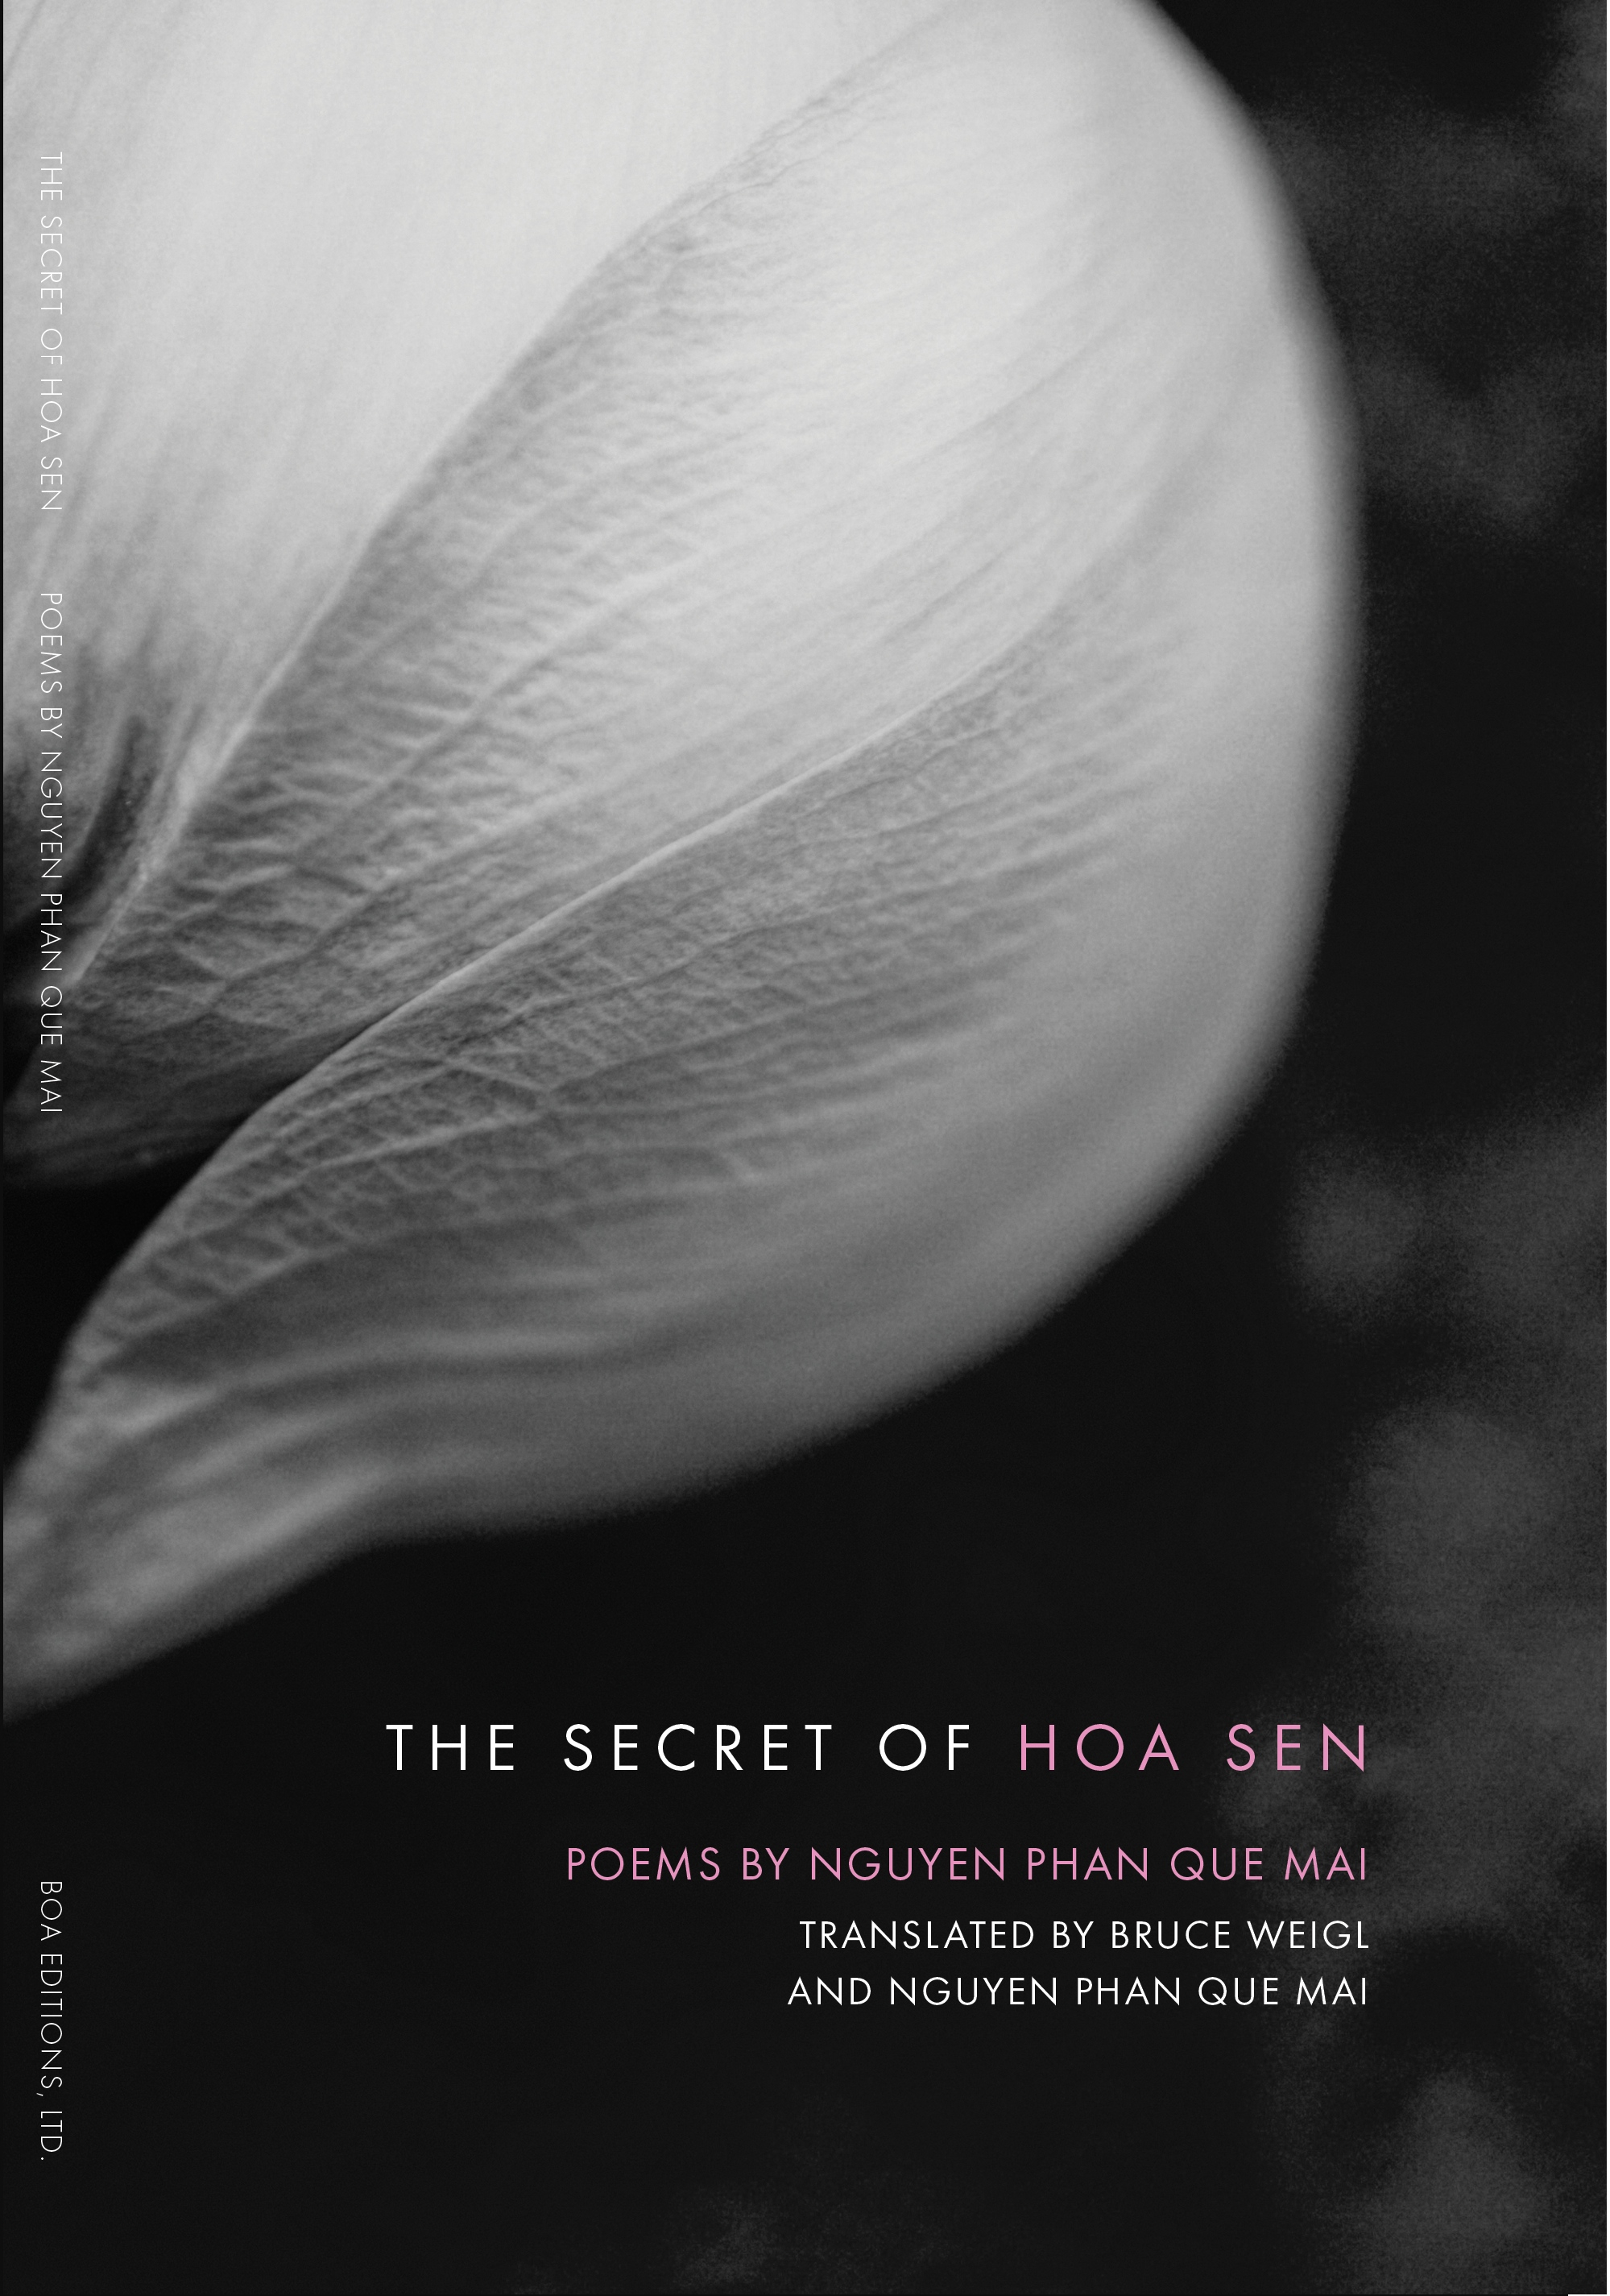 Hoa_sen_high_resolution_cover_small